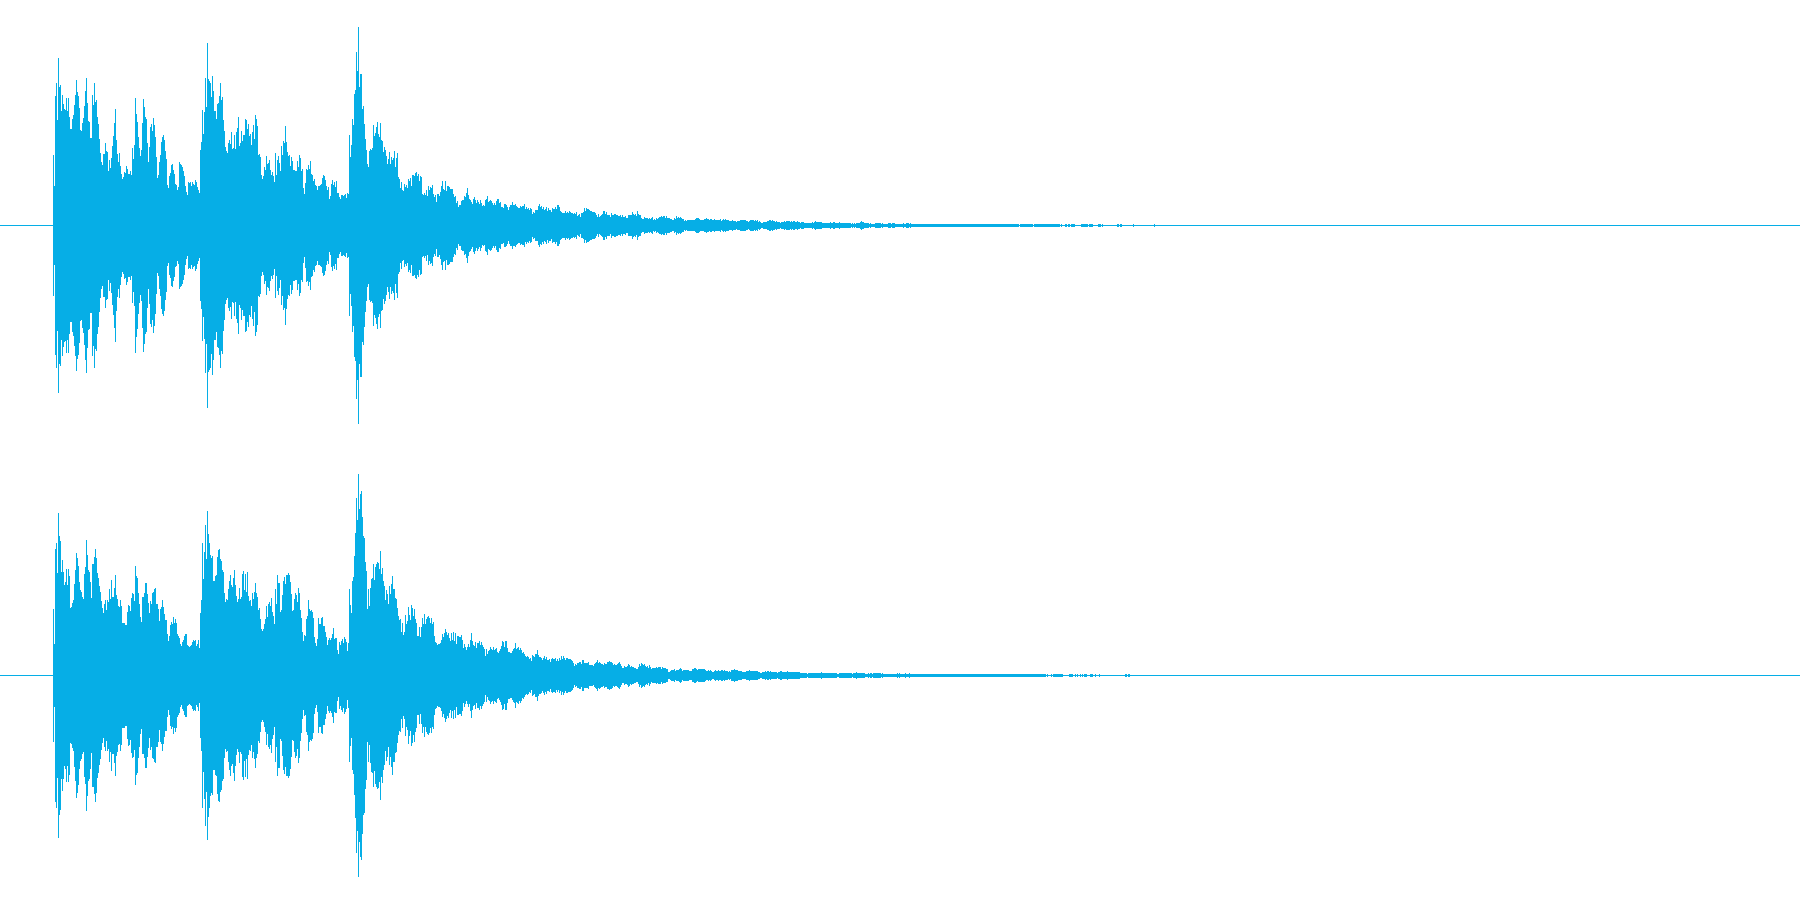 キラキラ系アイキャッチ2の再生済みの波形